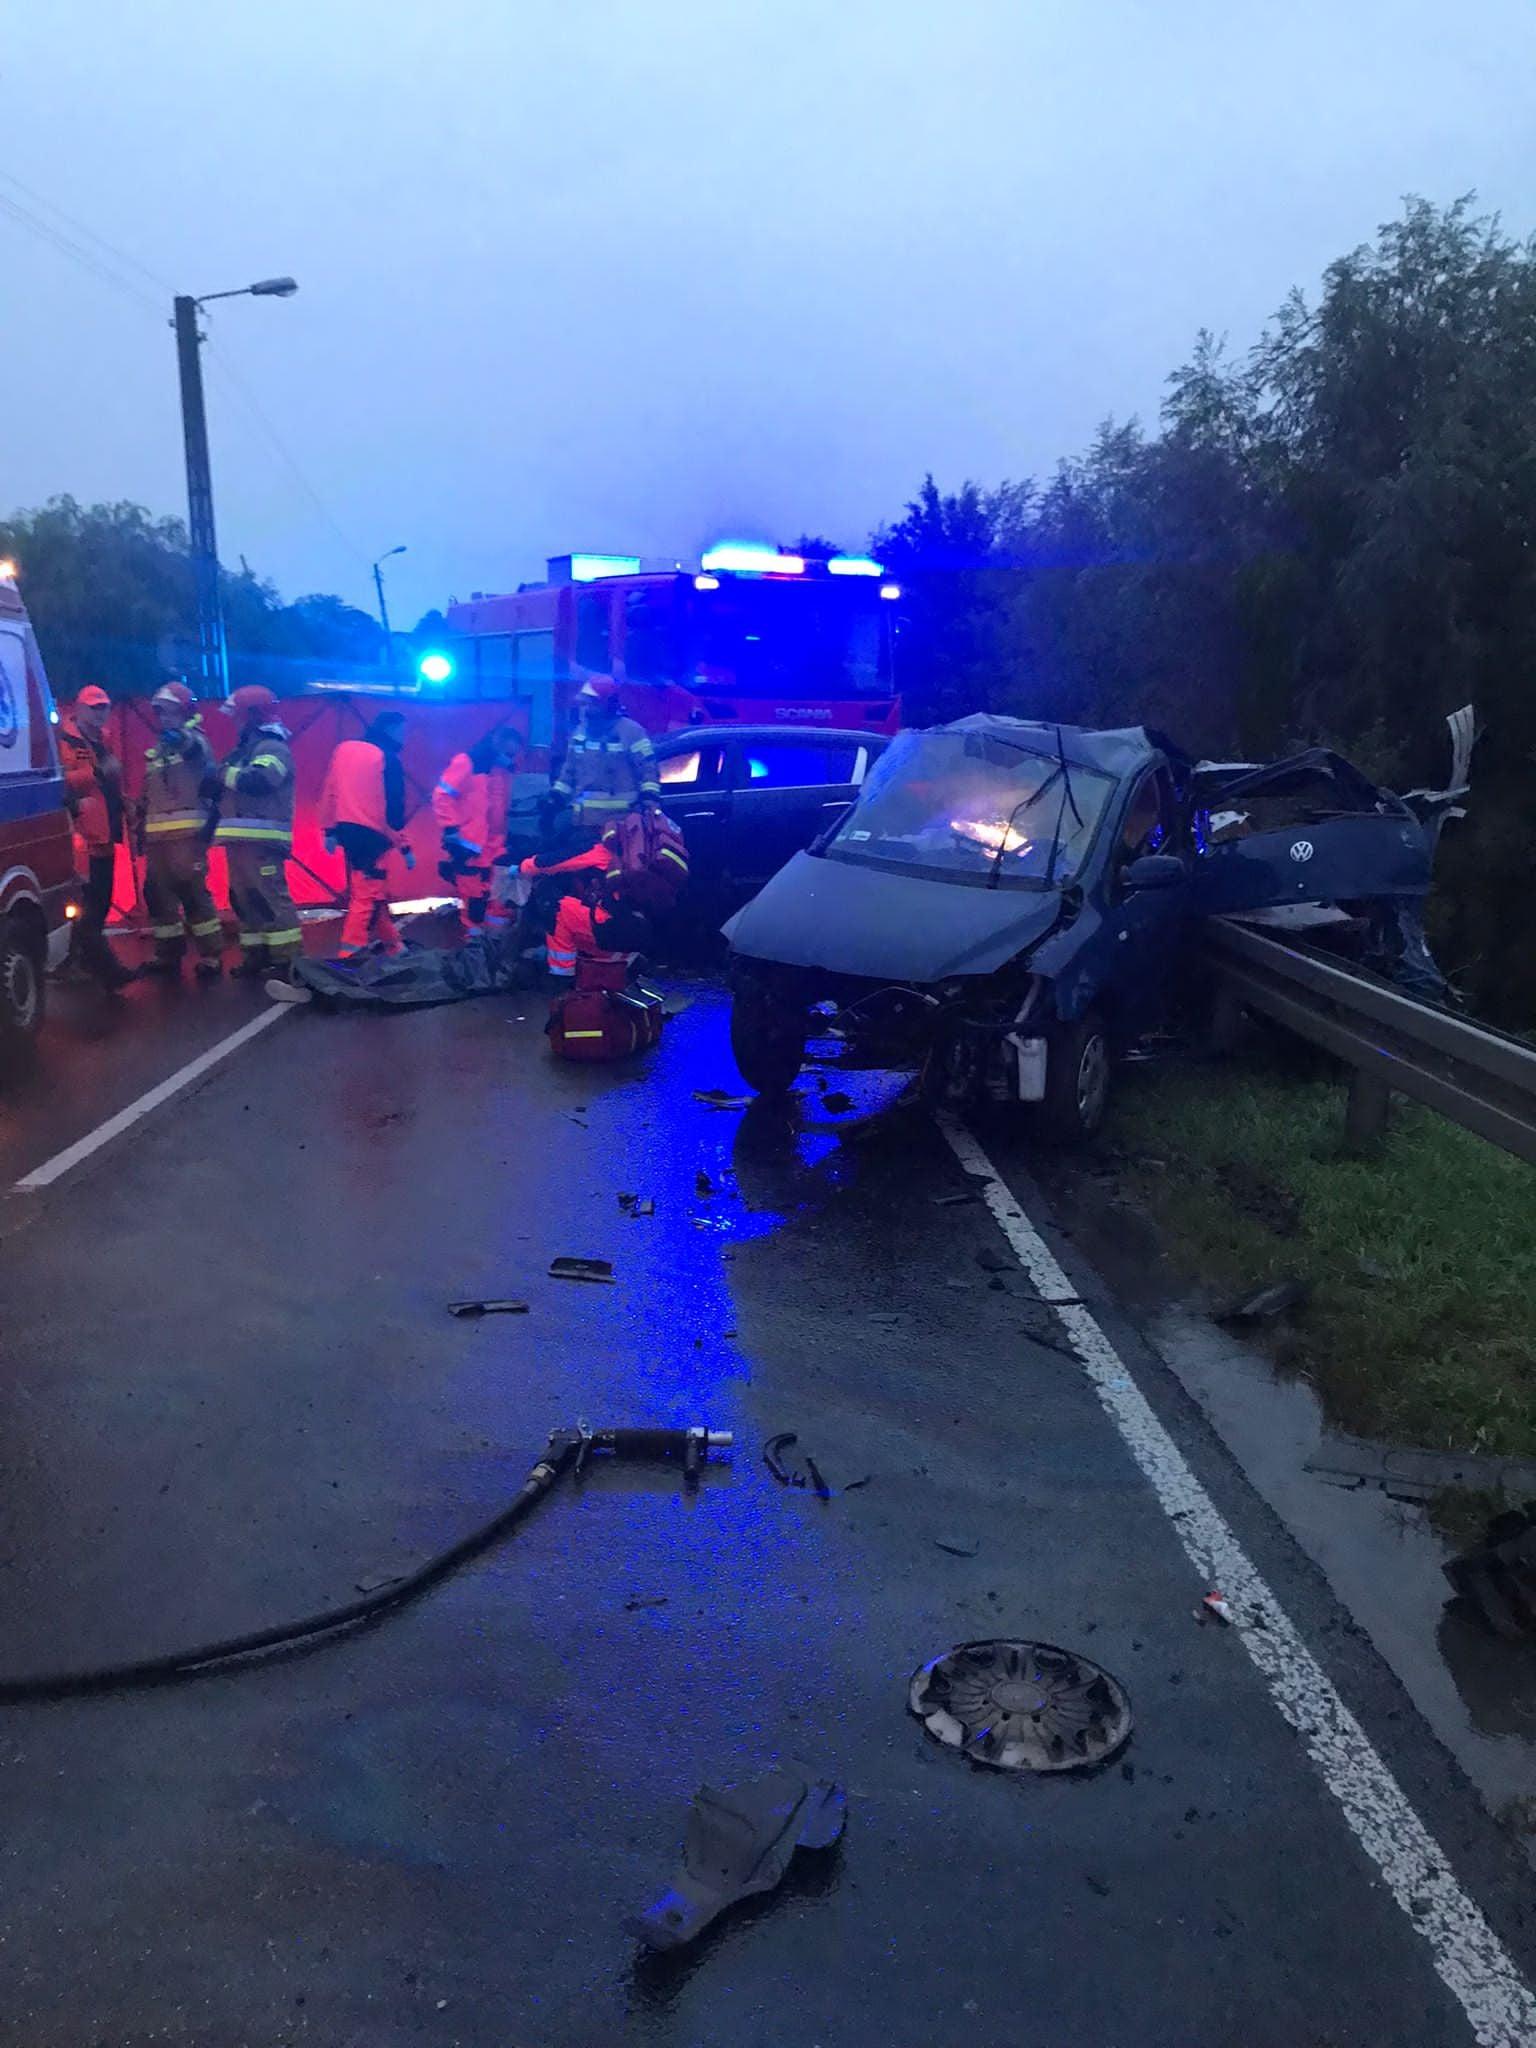 Łęczna: Wypadek na moście lubelskim. Zginął 19-latek - Zdjęcie główne